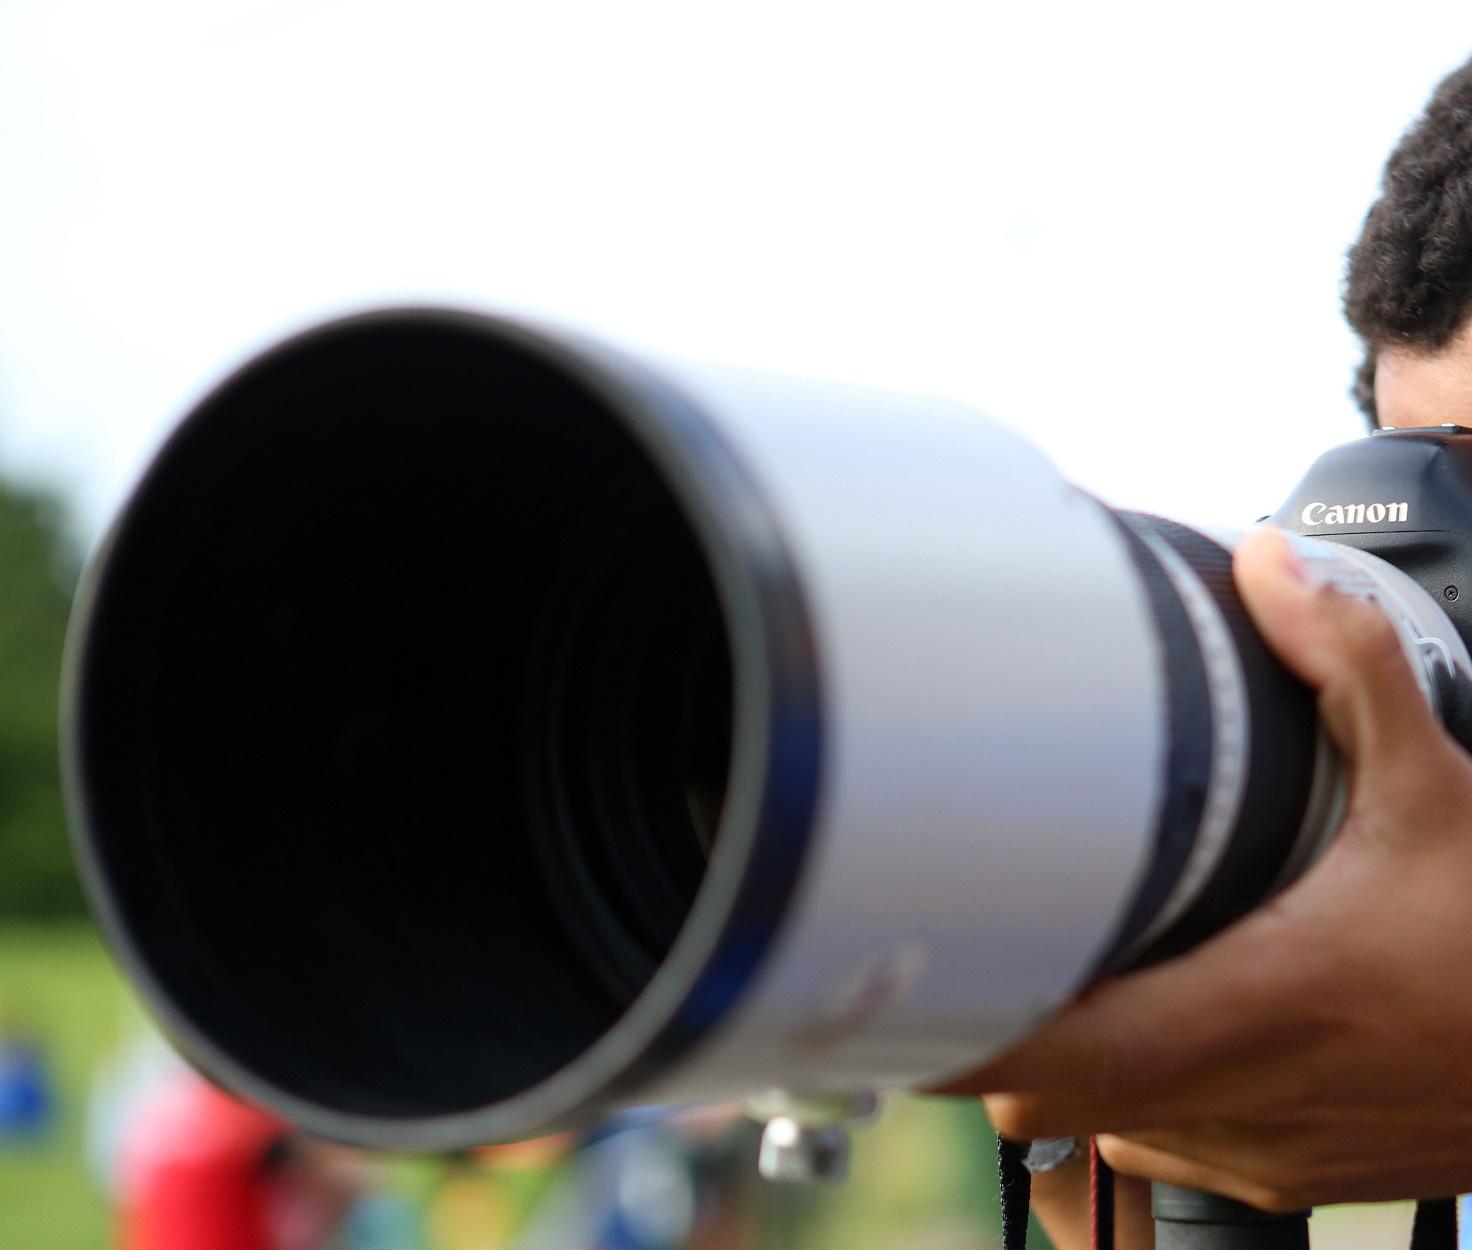 Από τη Λαμία σε όλη την υφήλιο και στους 20 καλύτερους φωτογράφους του κόσμου (pics)